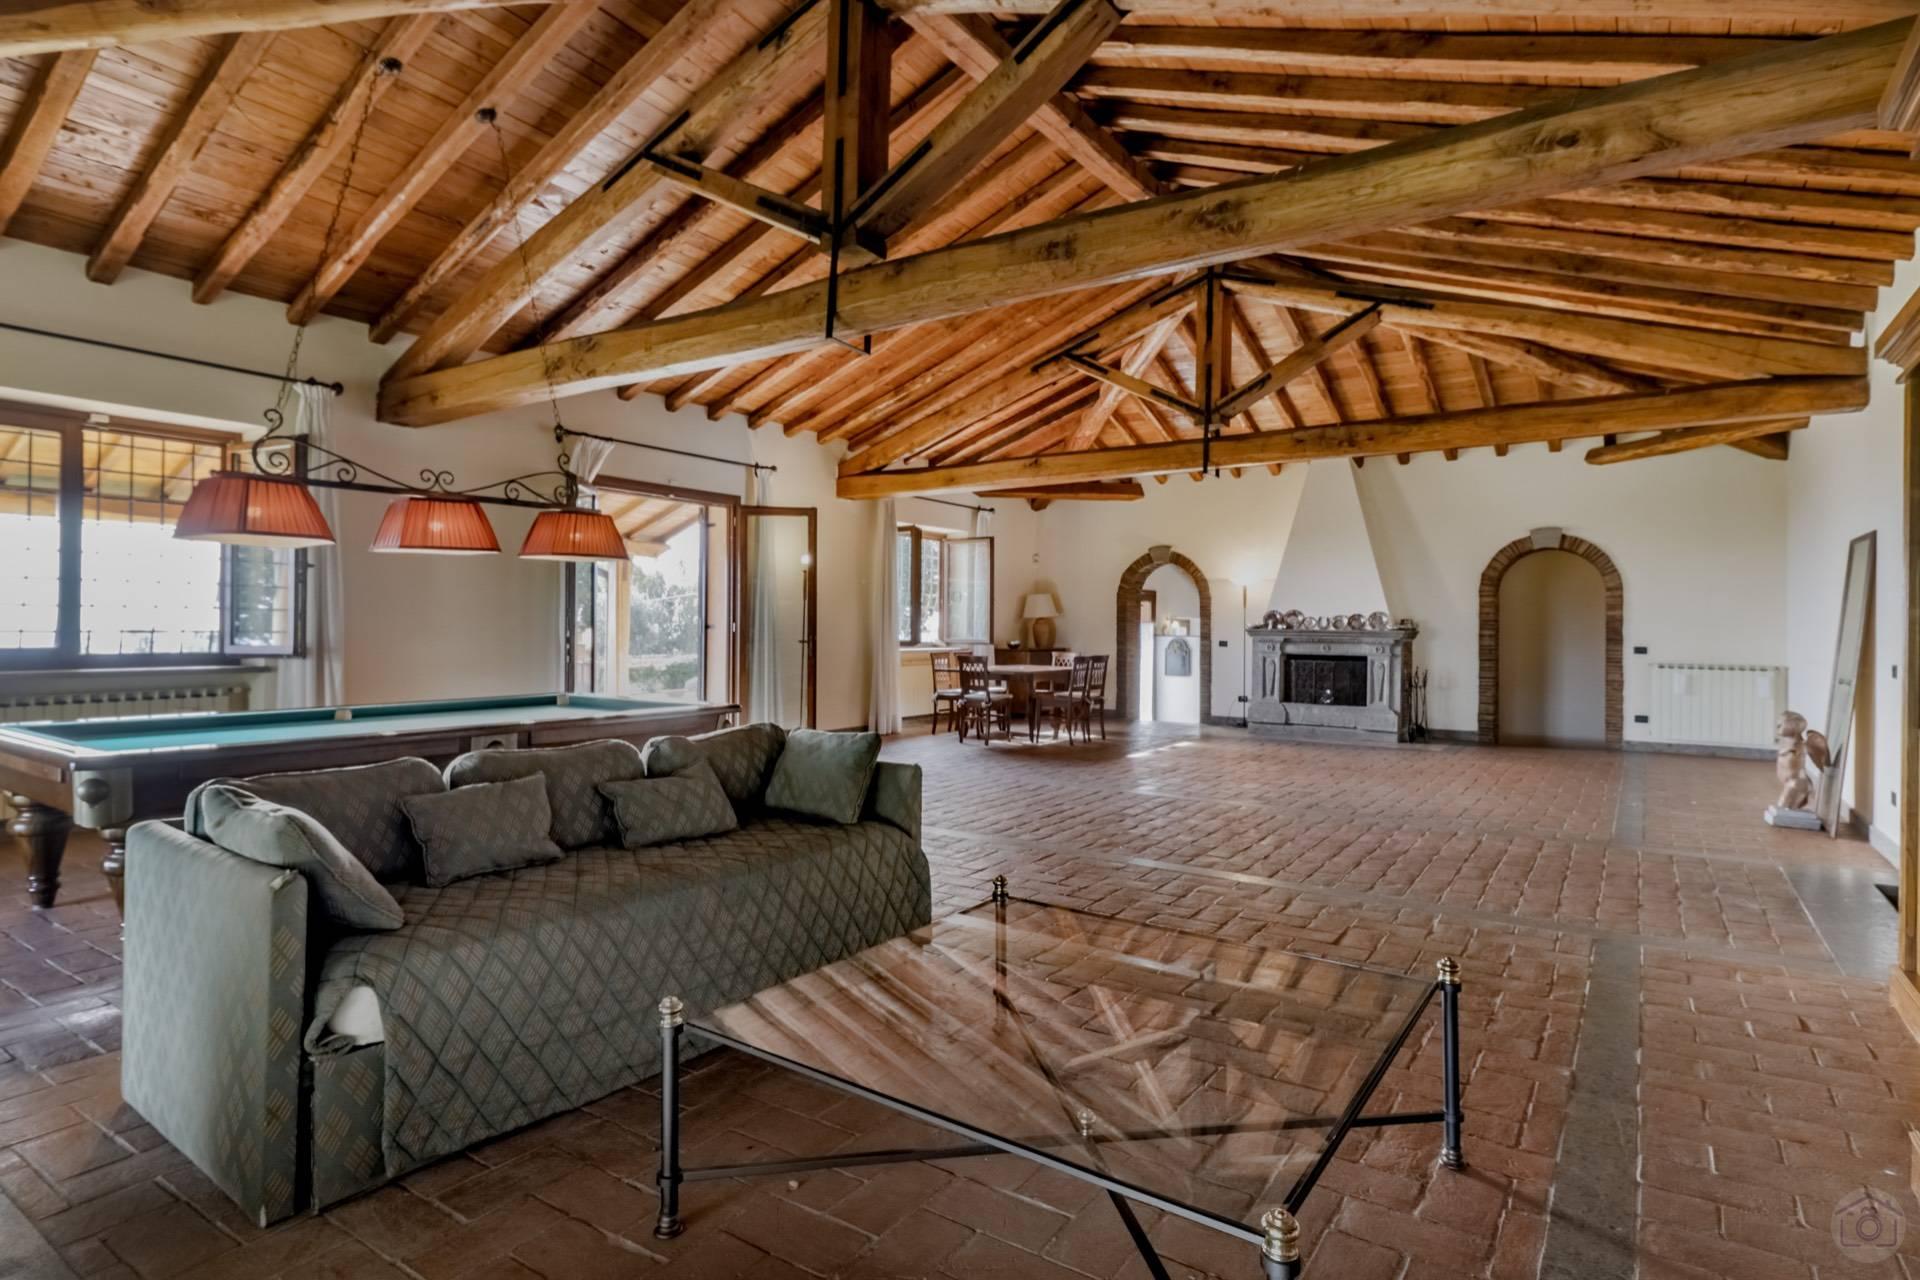 Villa in Vendita a Sacrofano: 5 locali, 180 mq - Foto 4